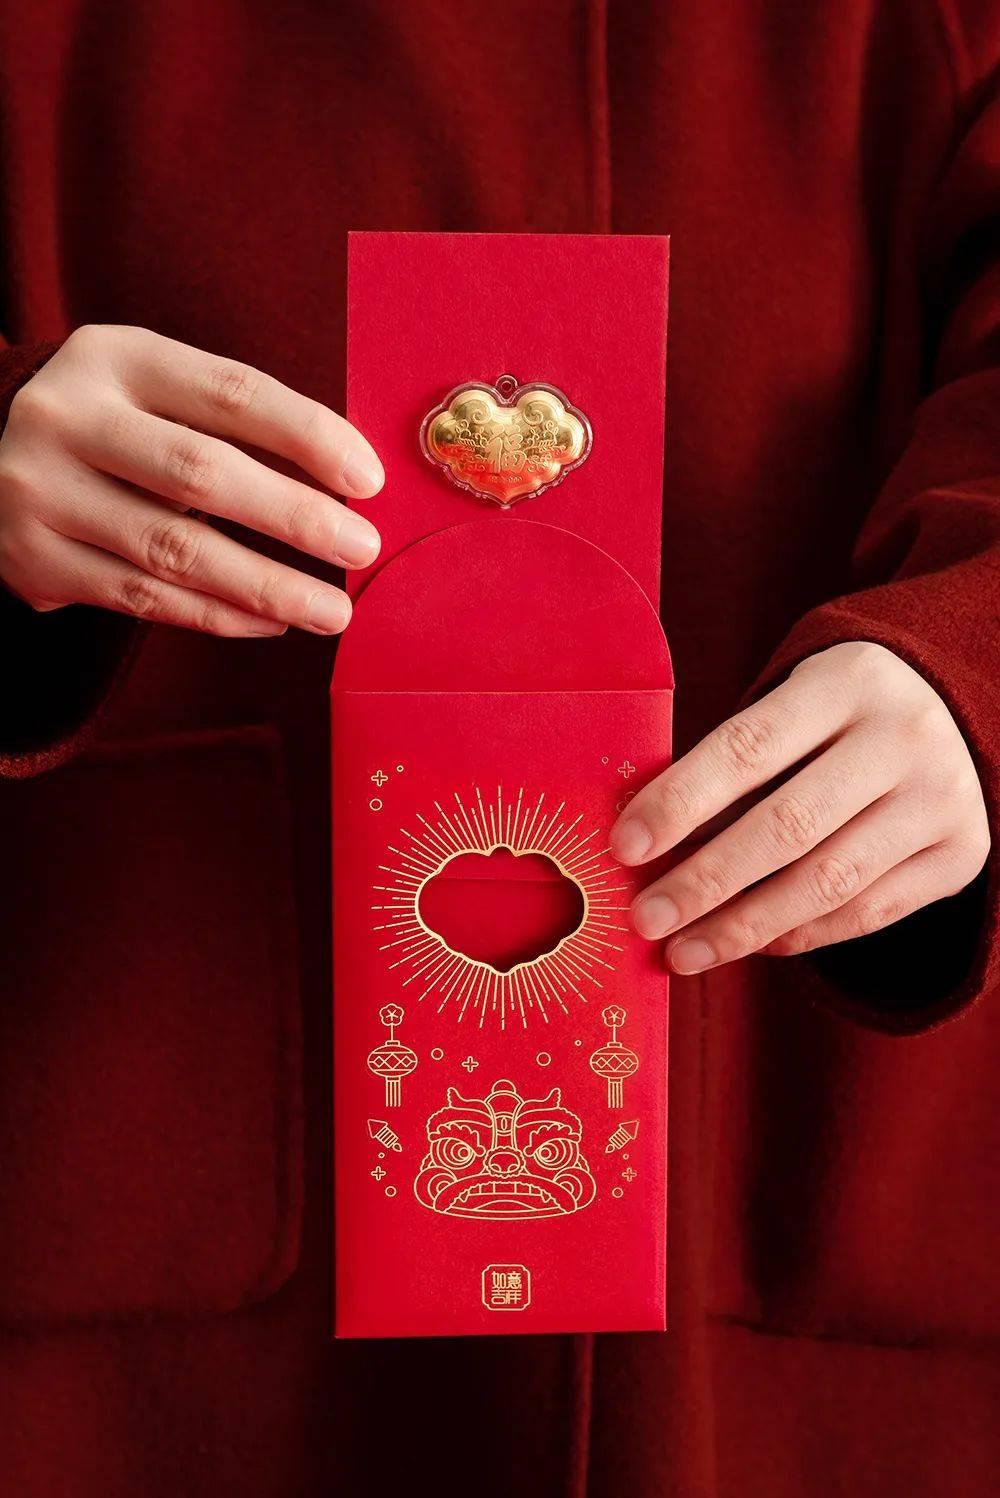 年尾了,压岁仪式有讲究!把真金放进红包,祈福全年万福金安